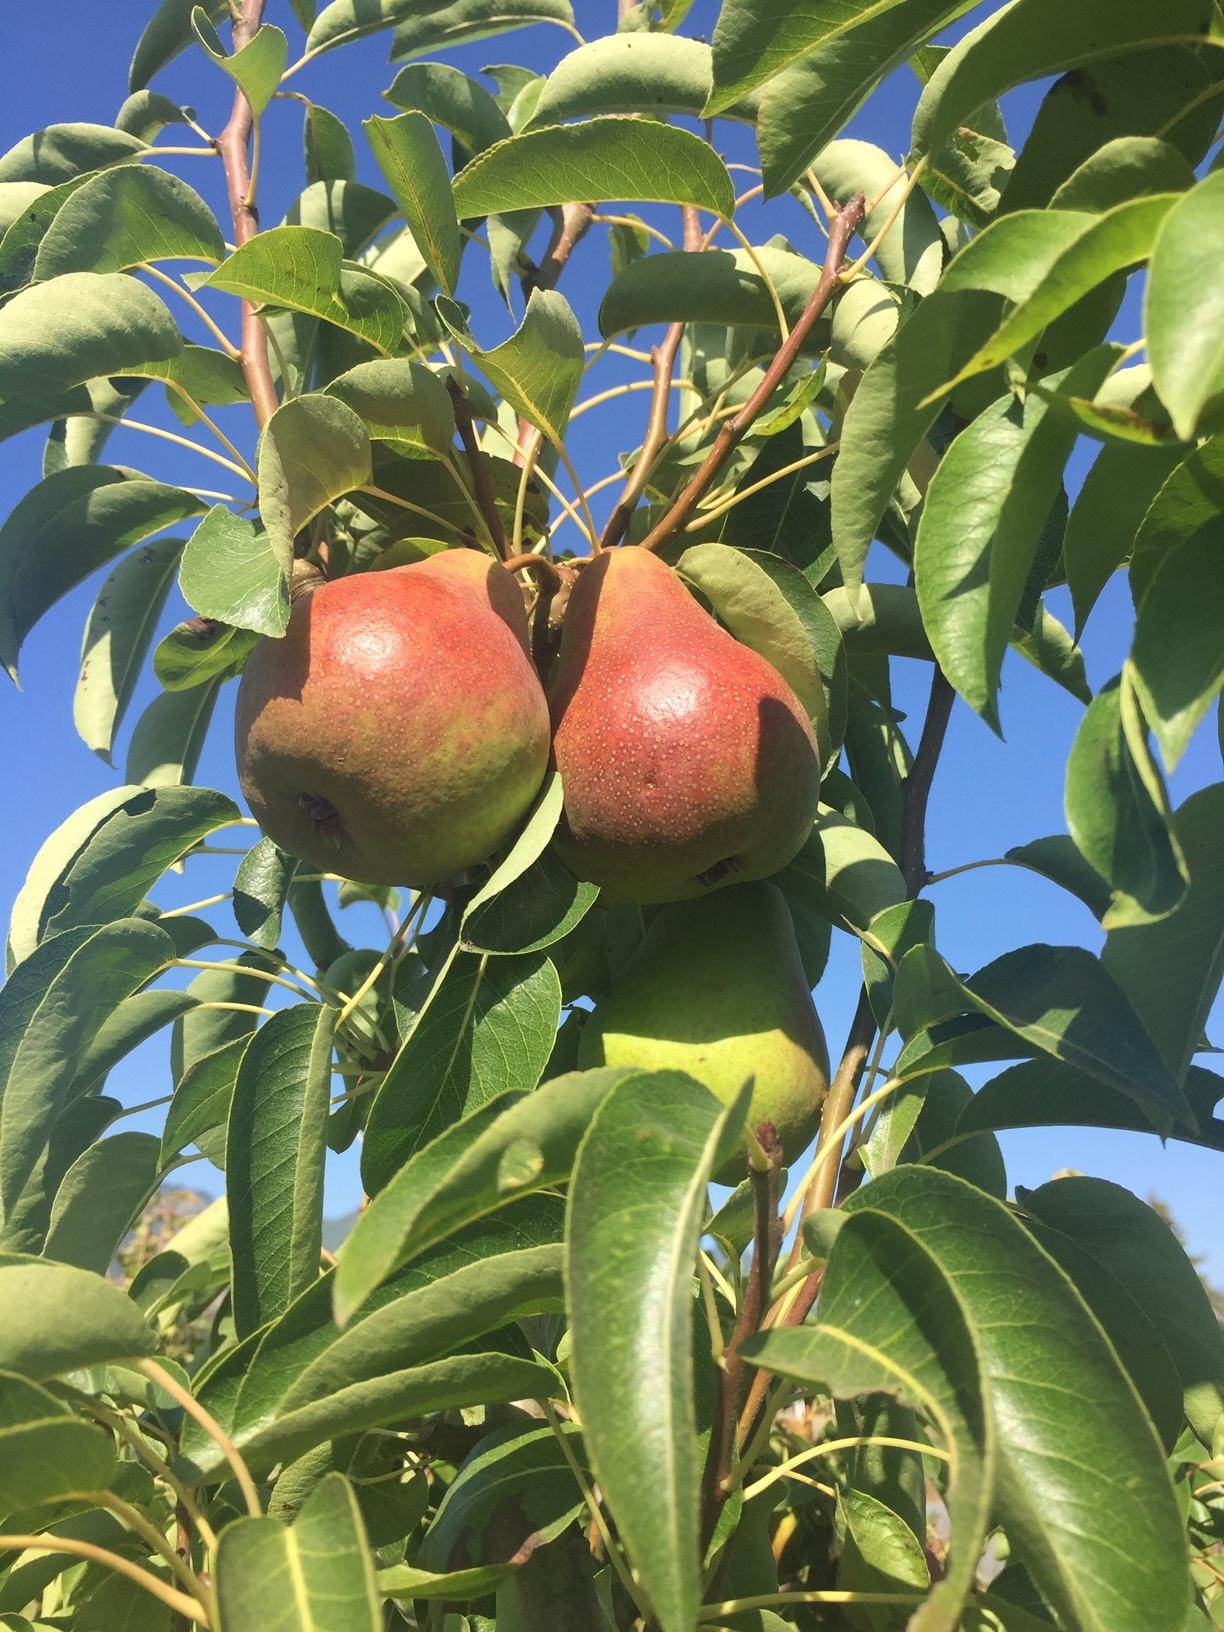 Harrow's Delight Pear